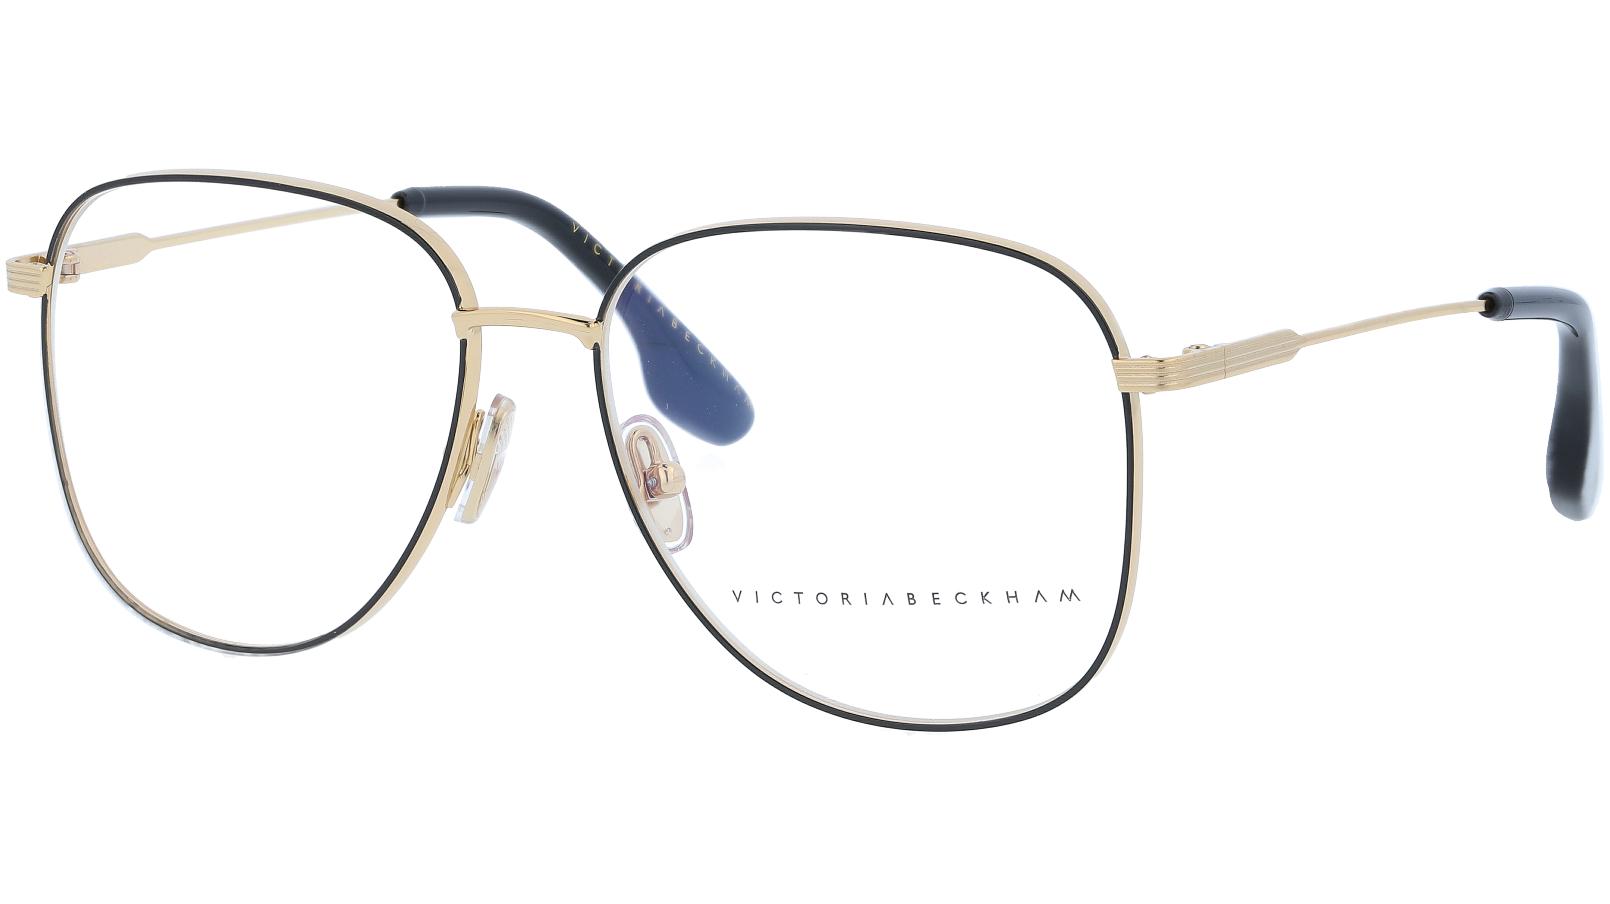 VICTORIA BECKHAM VB219 011 55 BLACK Glasses